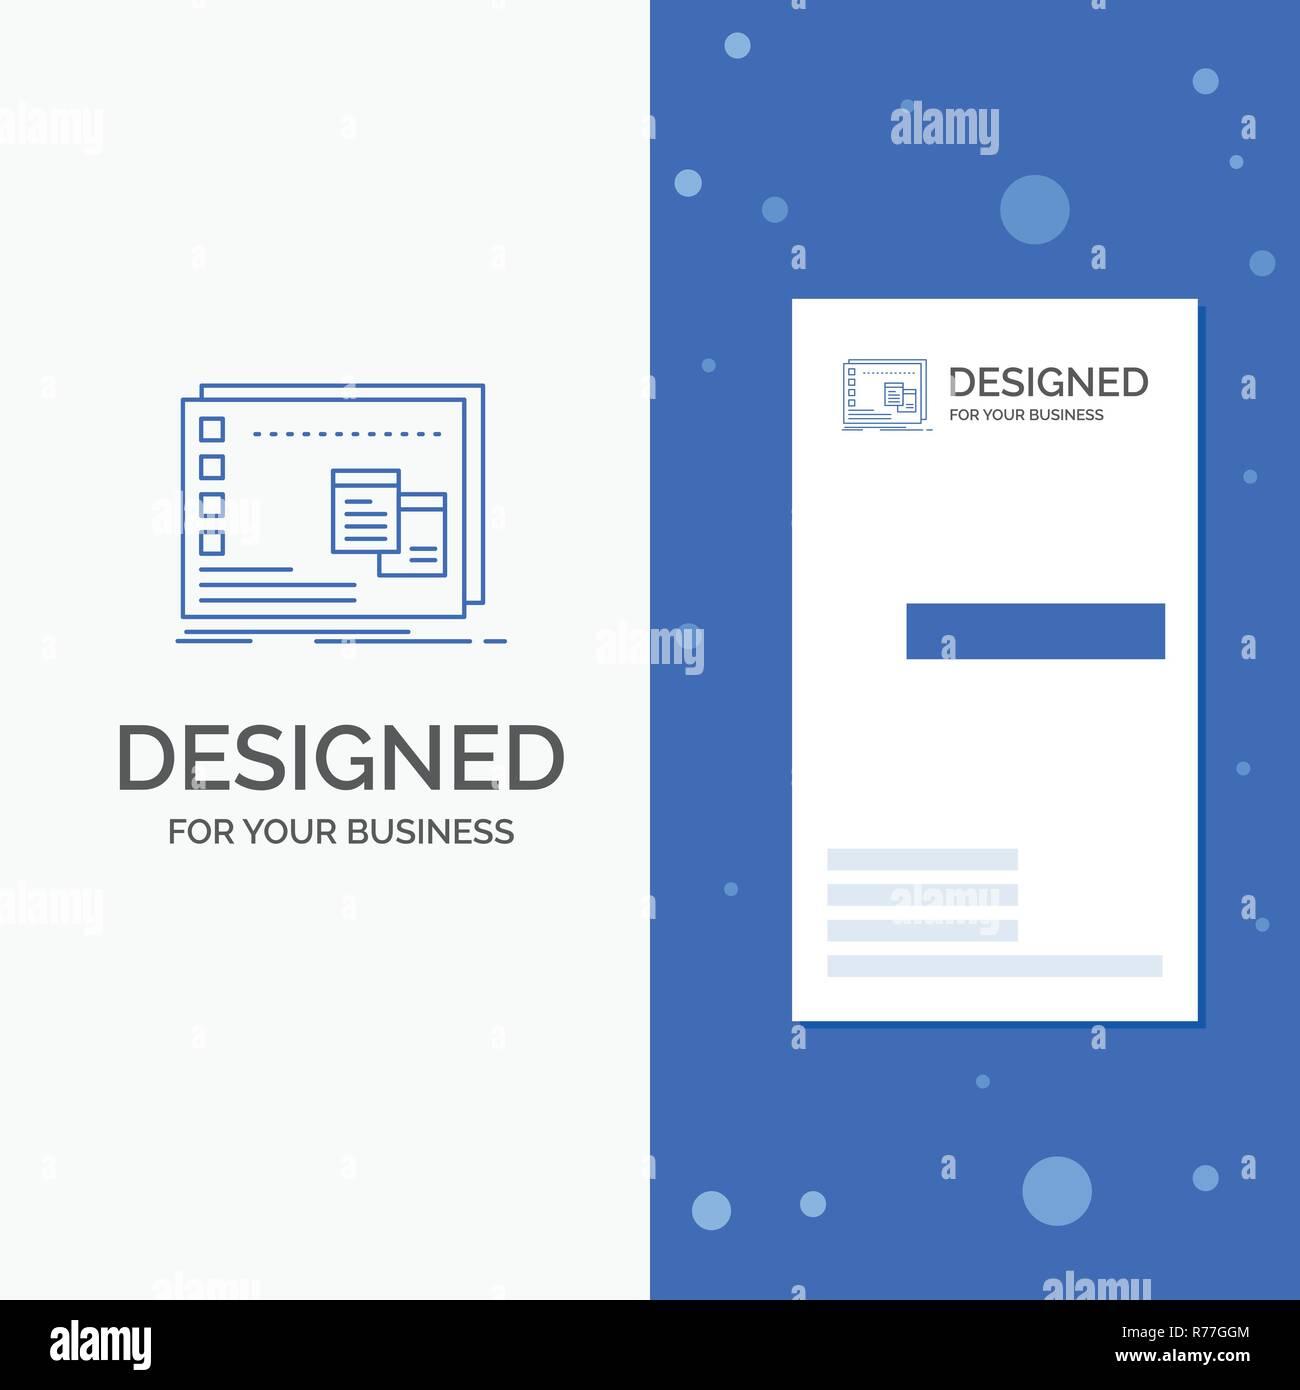 Logo Dentreprise Pour La Fenetre Mac Os Operationnel Programme Bleu Vertical Affaires Modele De Carte Visite